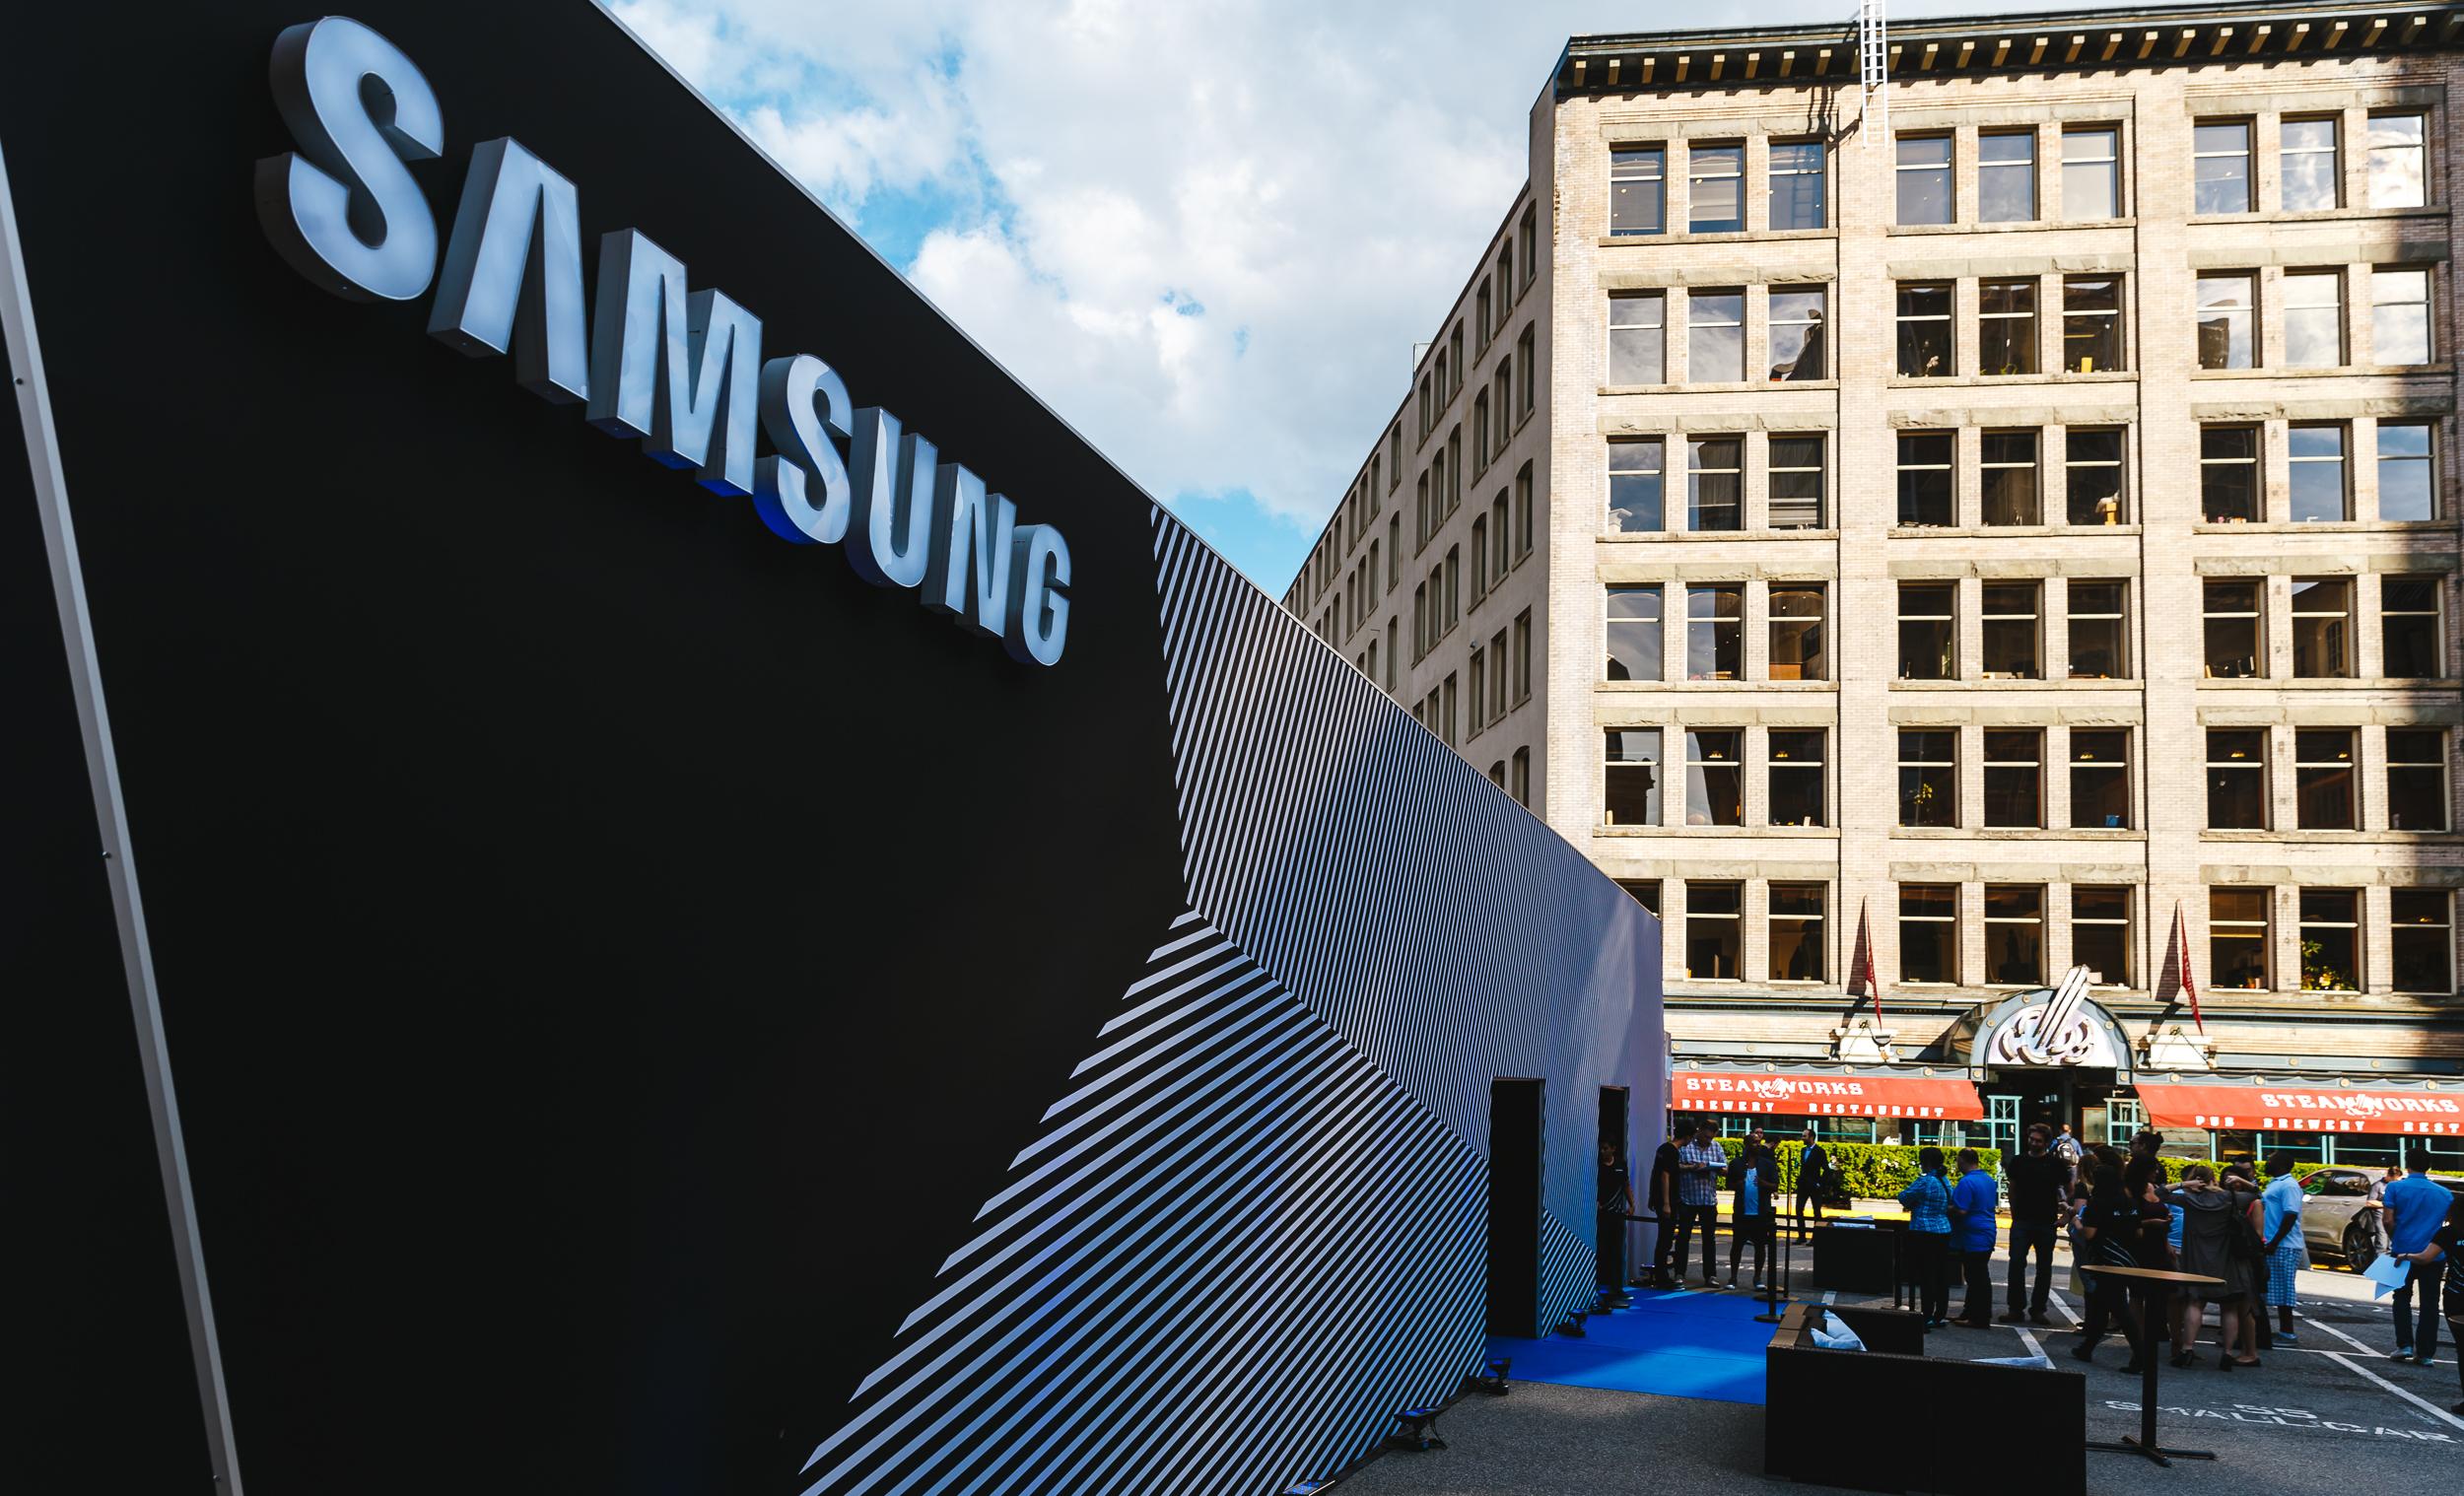 Samsung-Galaxy-Life-photo2.jpg